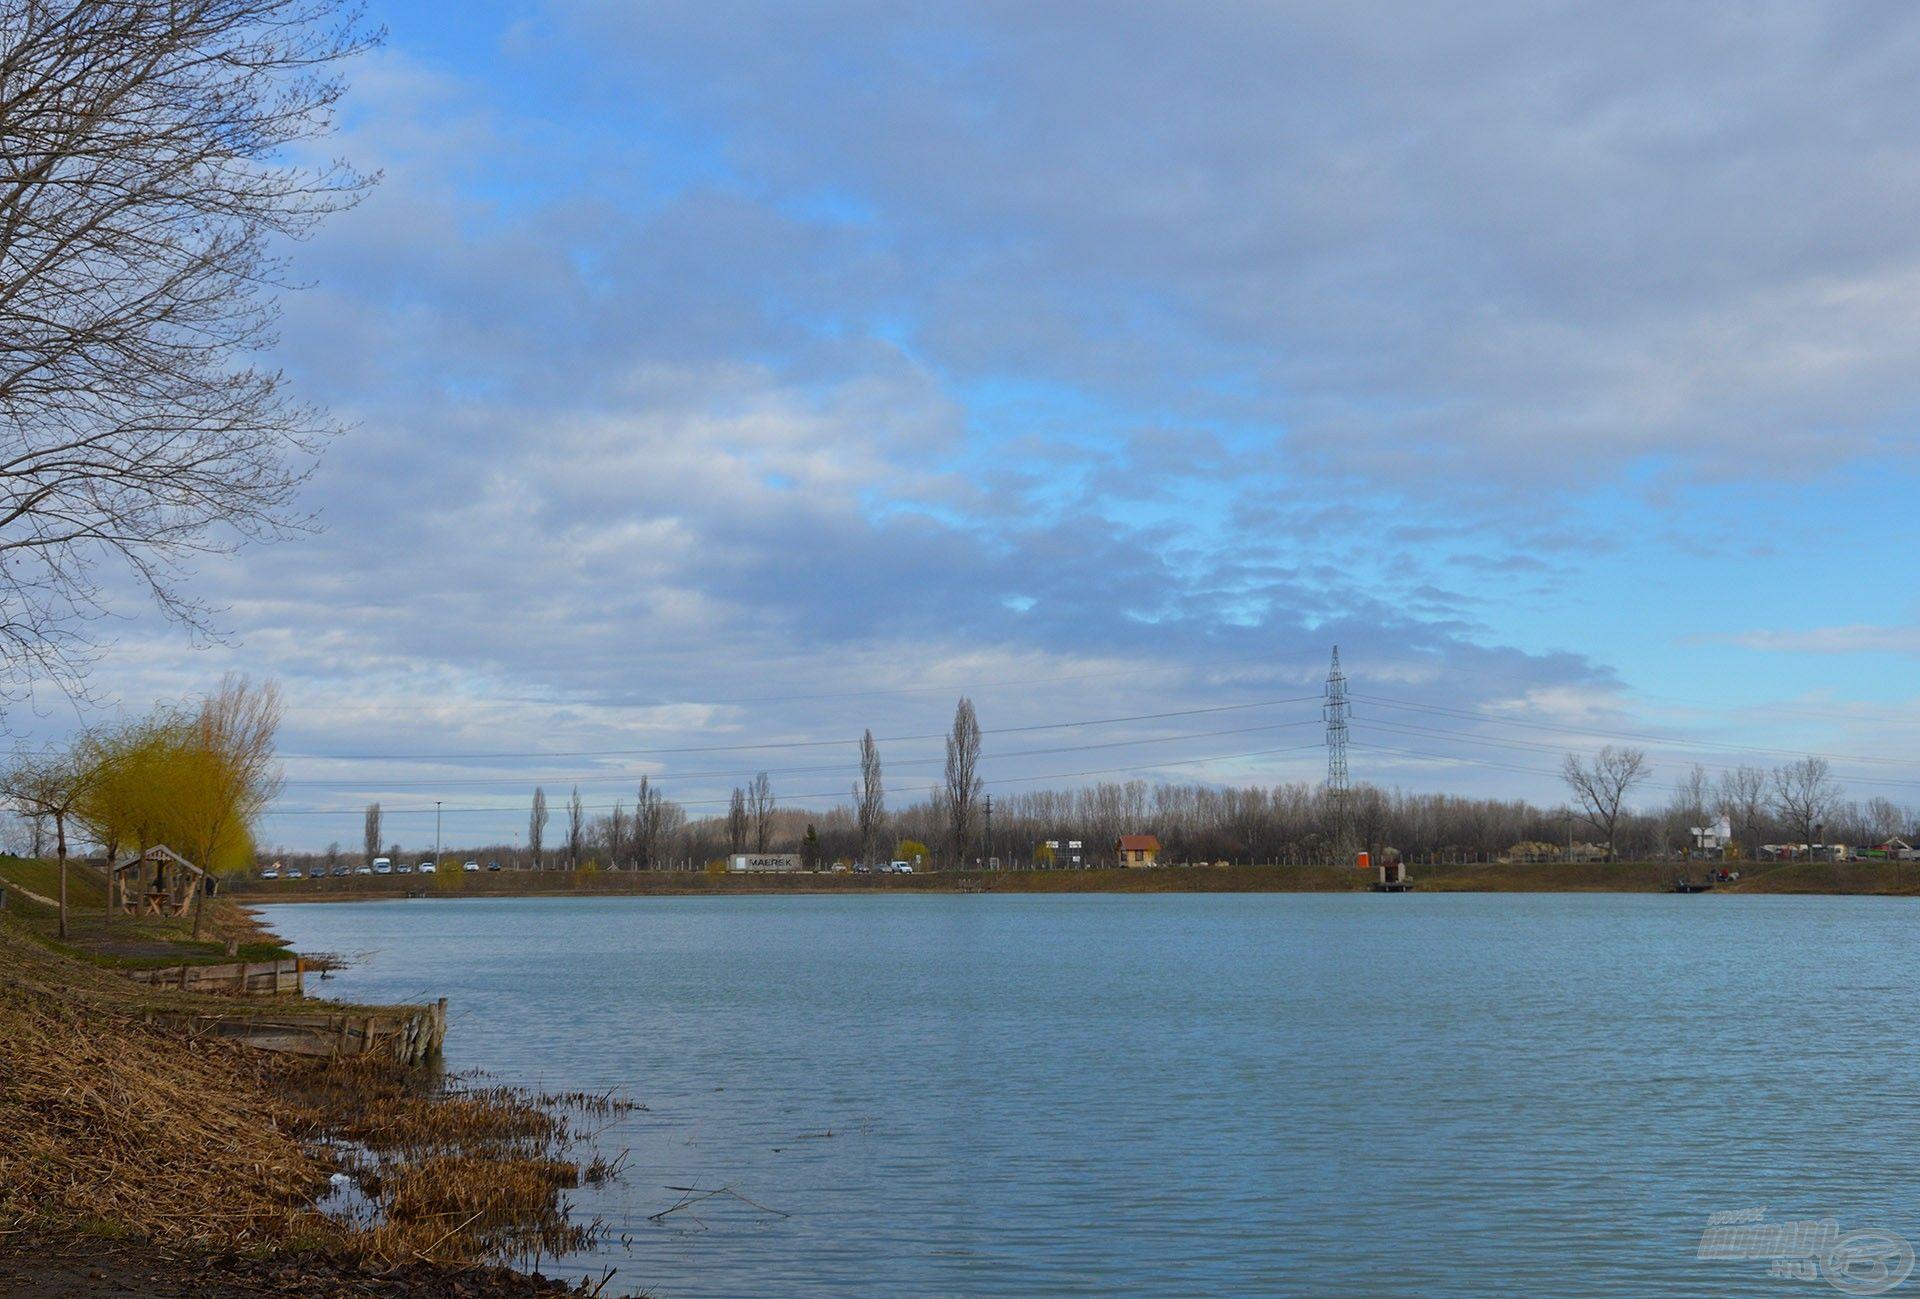 Kora tavaszi horgászatom helyszíne a dunavarsányi Füzespart Horgásztó volt